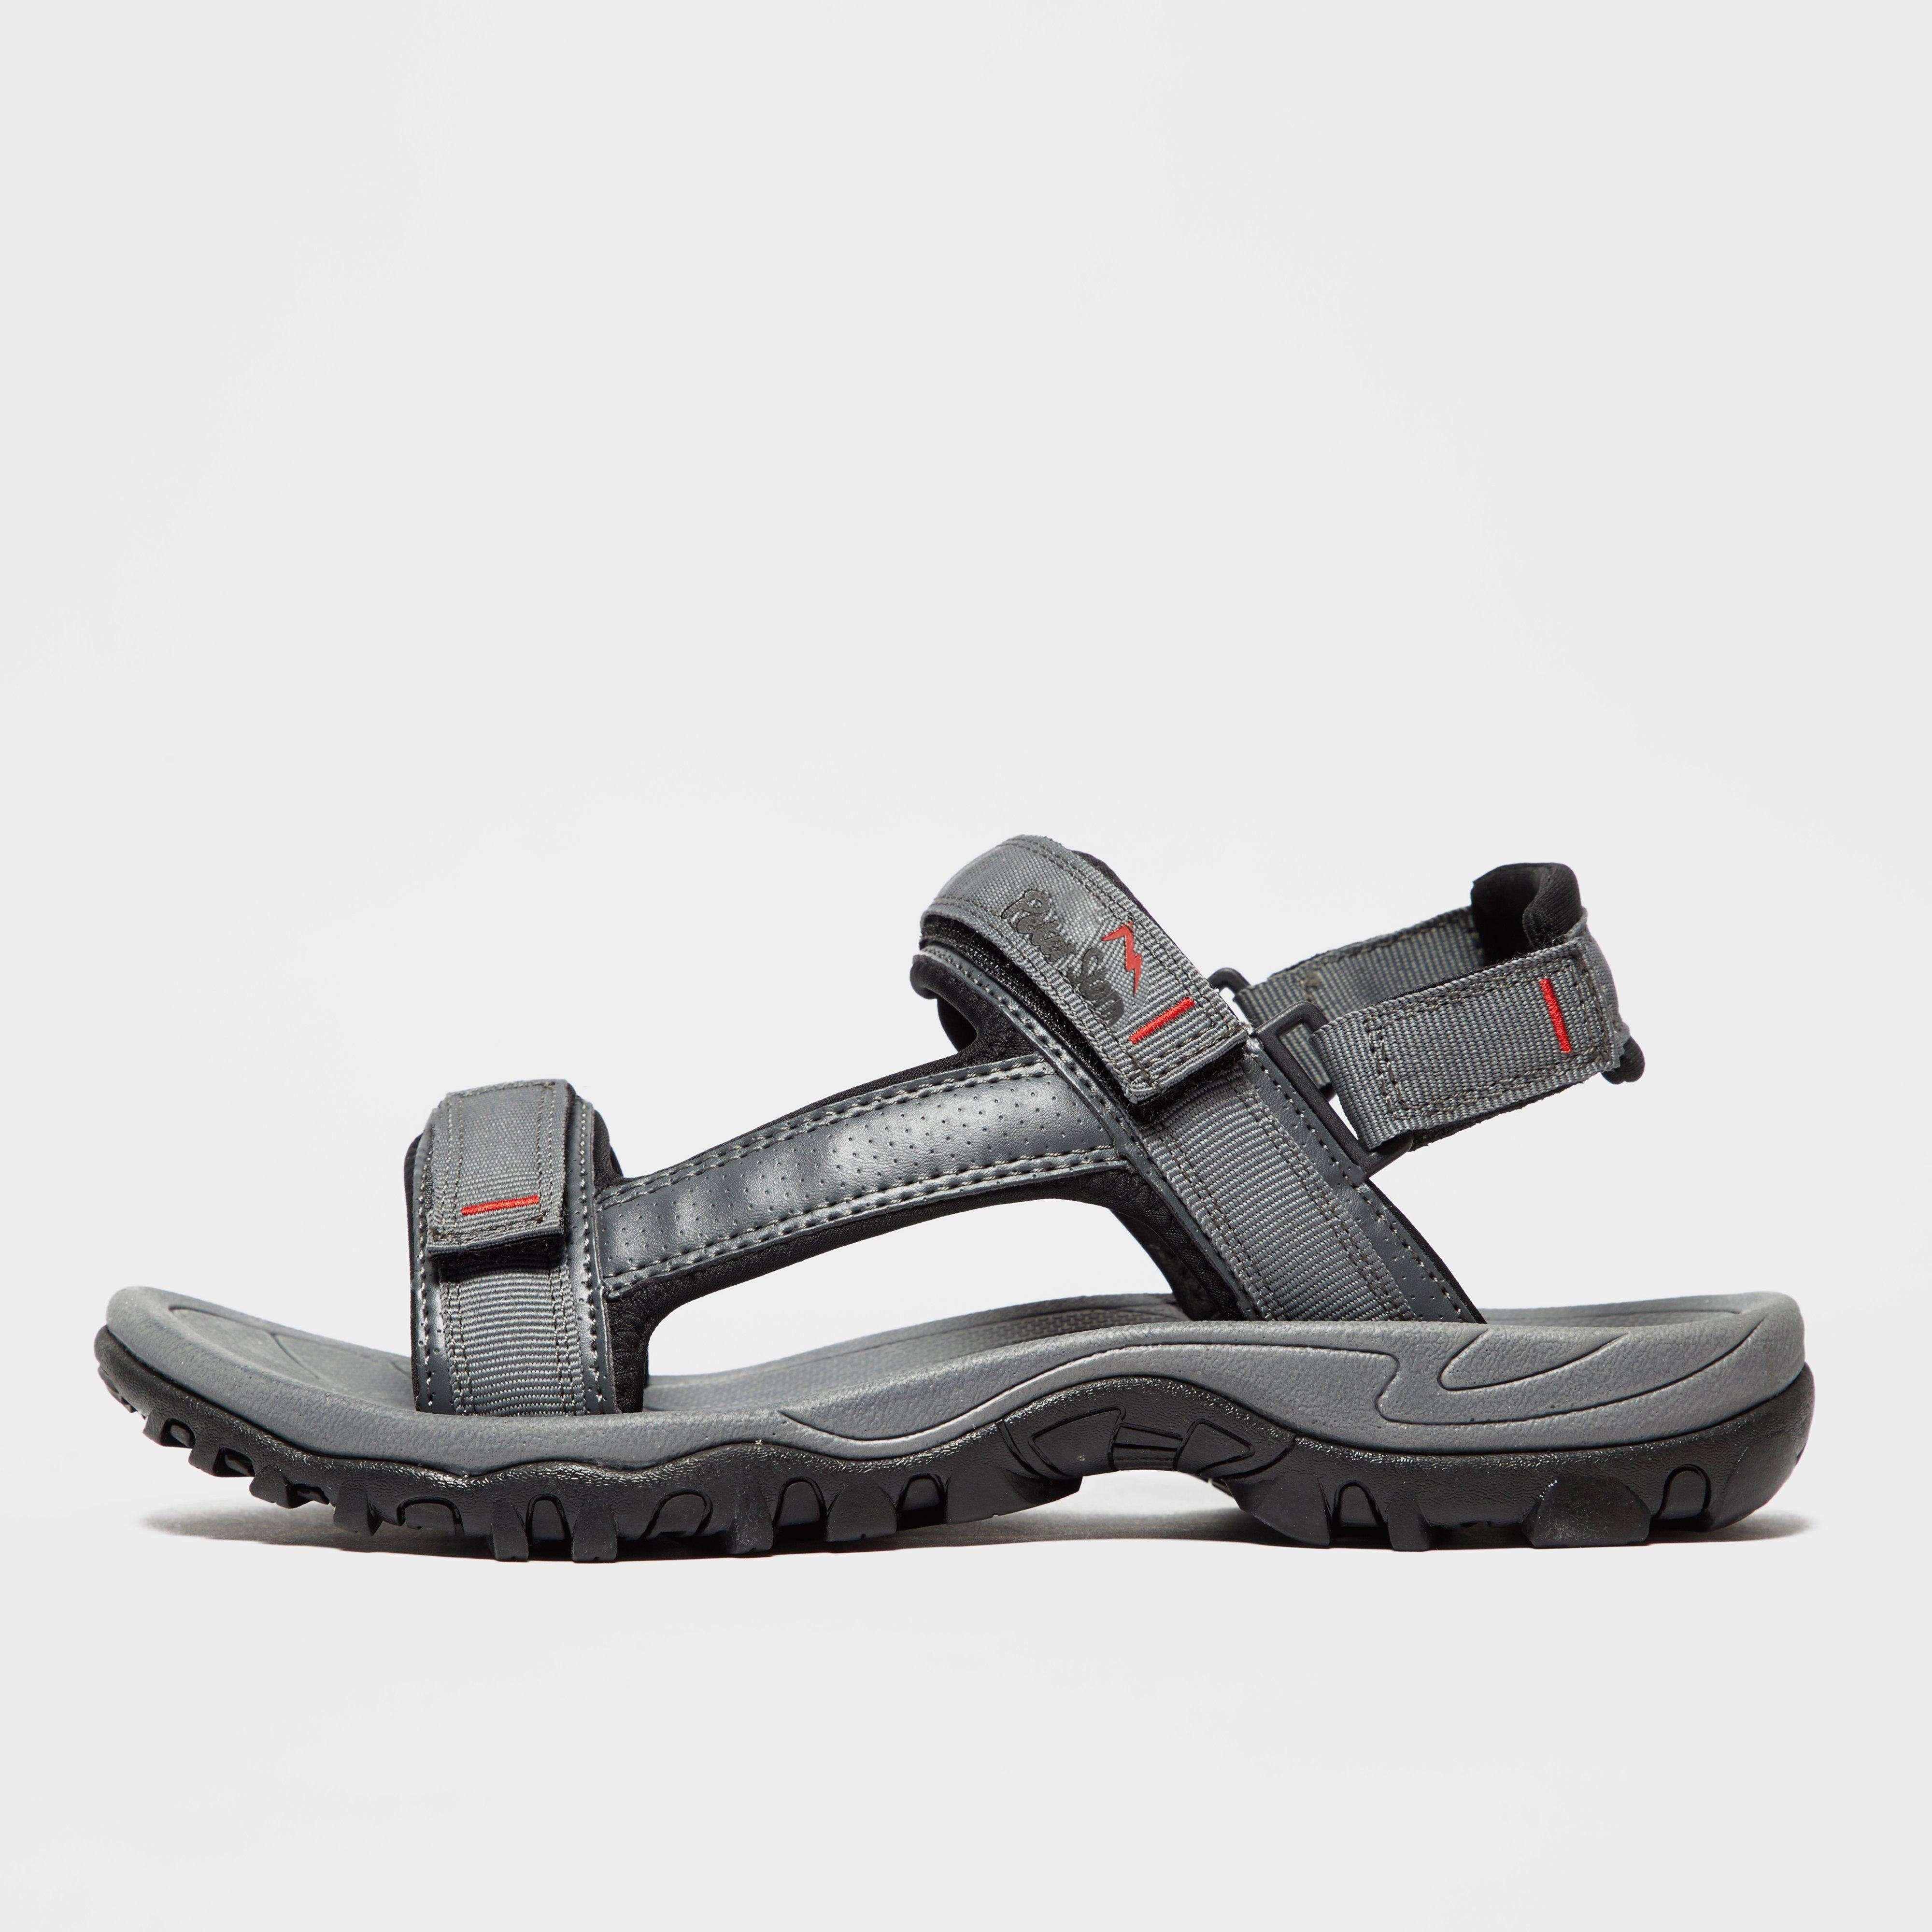 PETER STORM Men's Saunton II Sandal